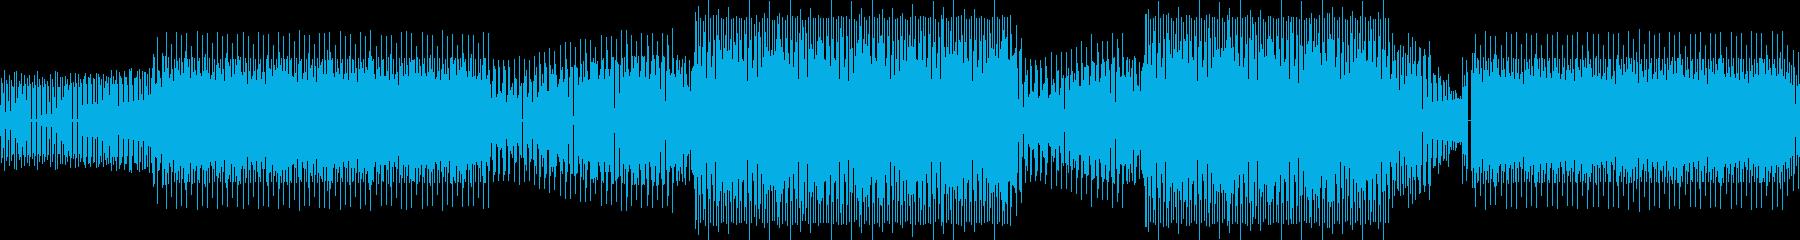 テクノ、最小限の再生済みの波形